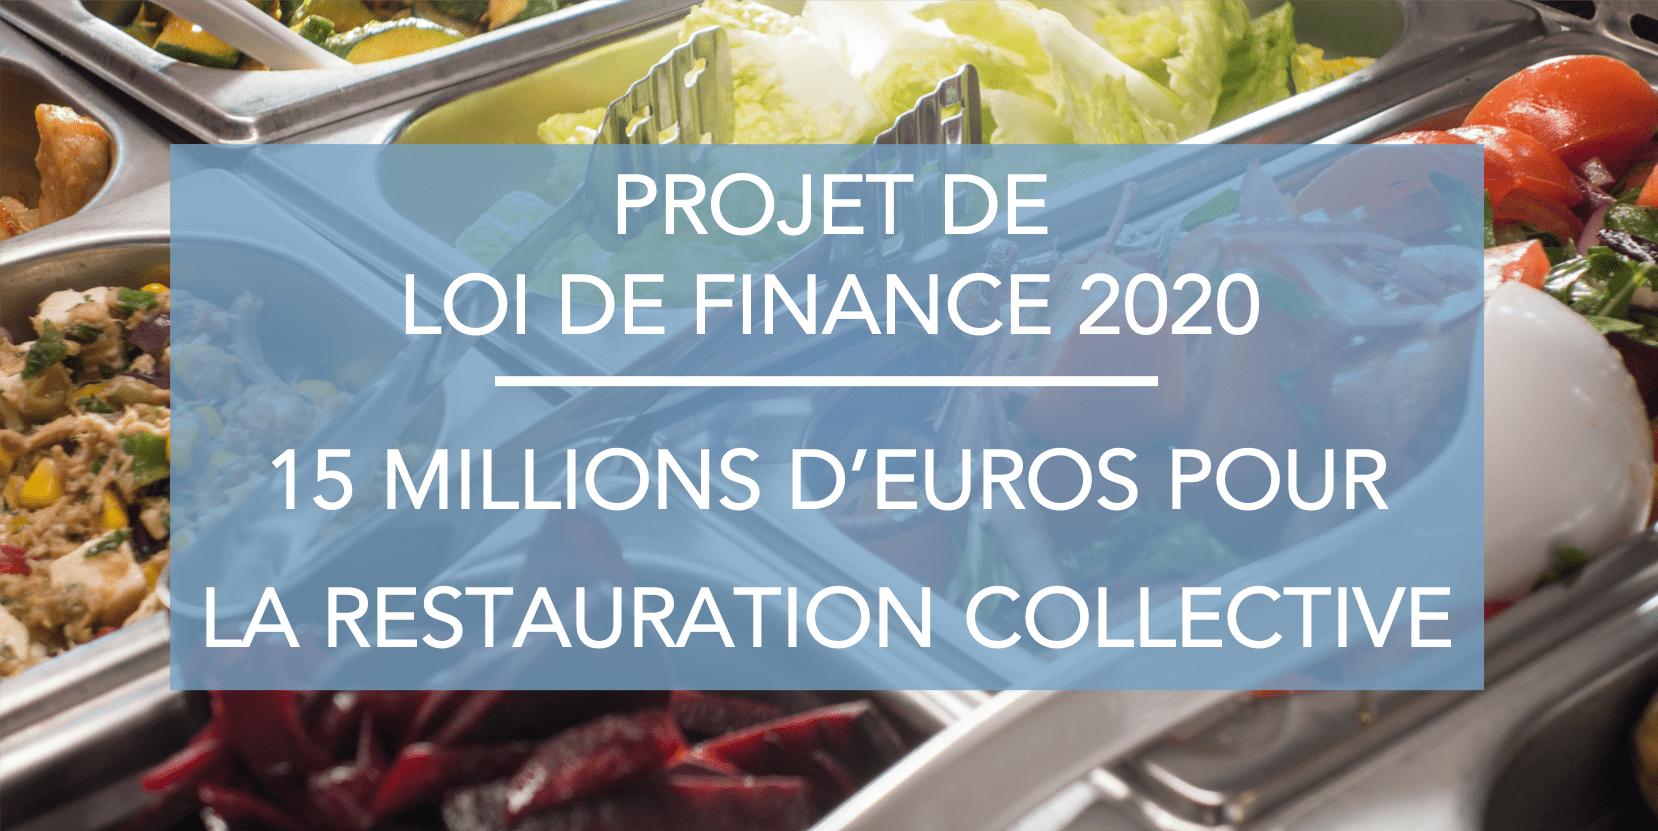 """Visuel d'un bar à salade de restauration collective, avec un texte : """"Projet de loi de finance 2020 : 15 millions d'euros pour la restauration collective"""""""